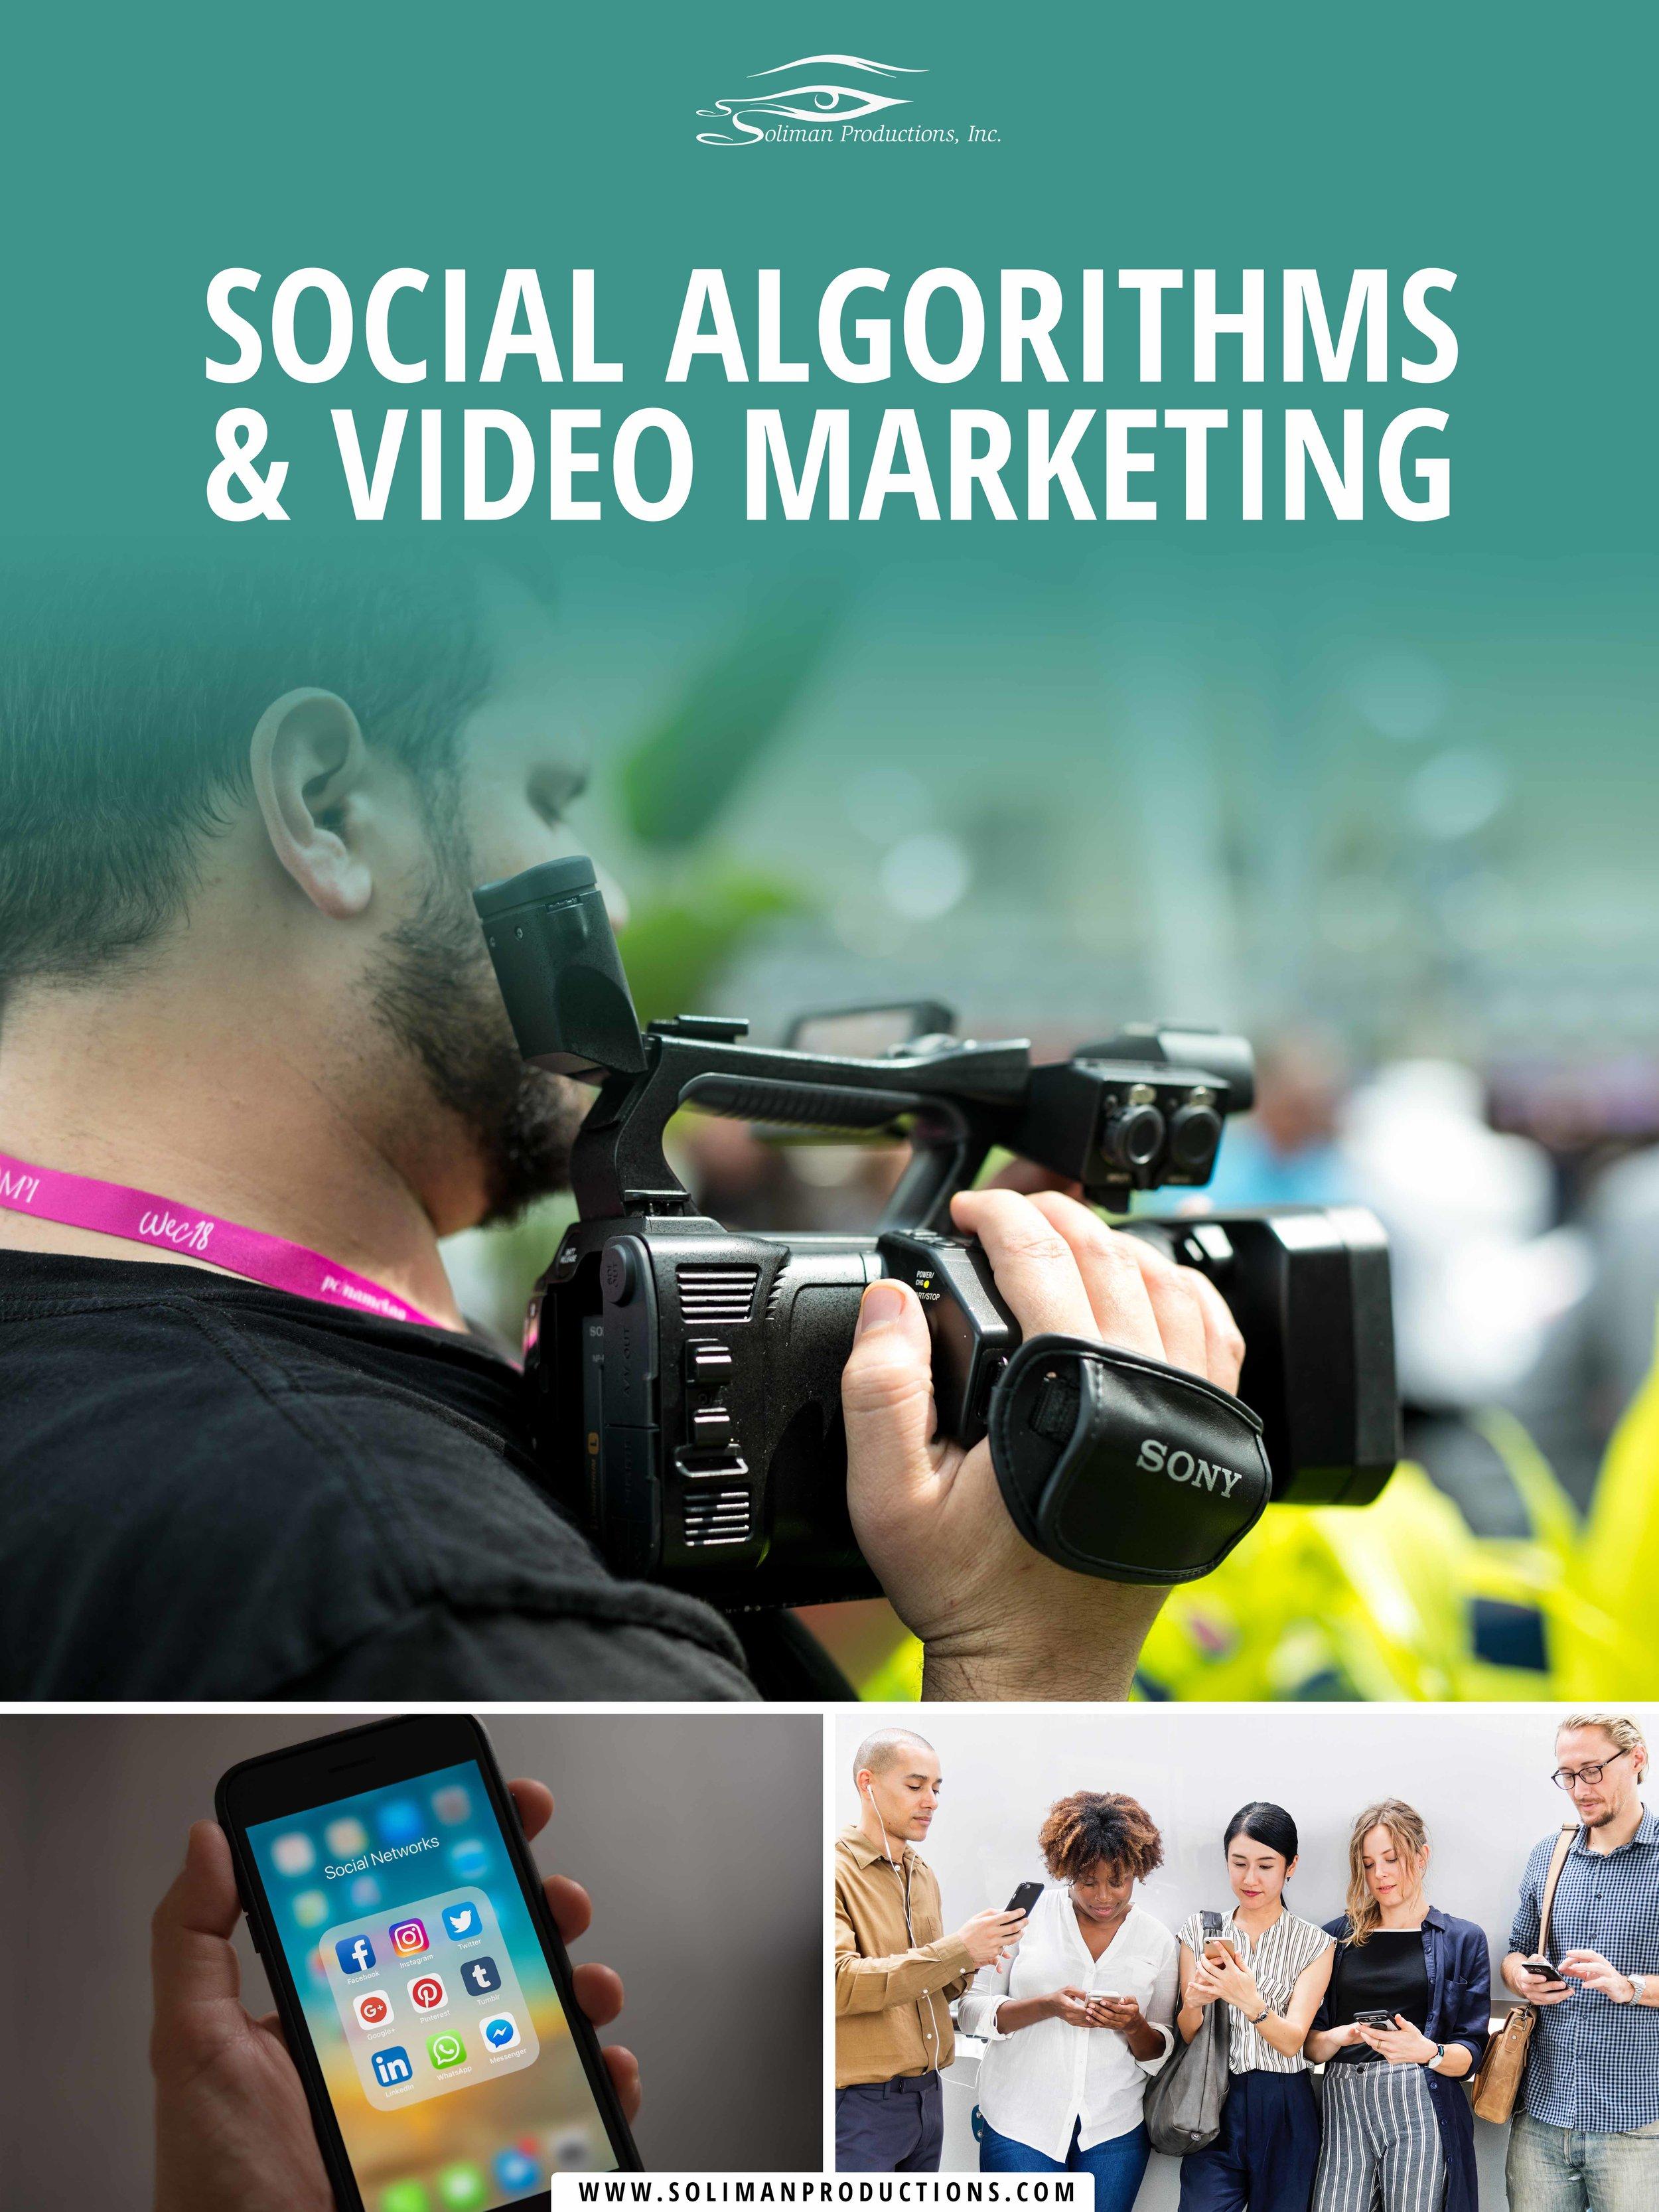 Social Algorithms Are Making Video Marketing.jpg